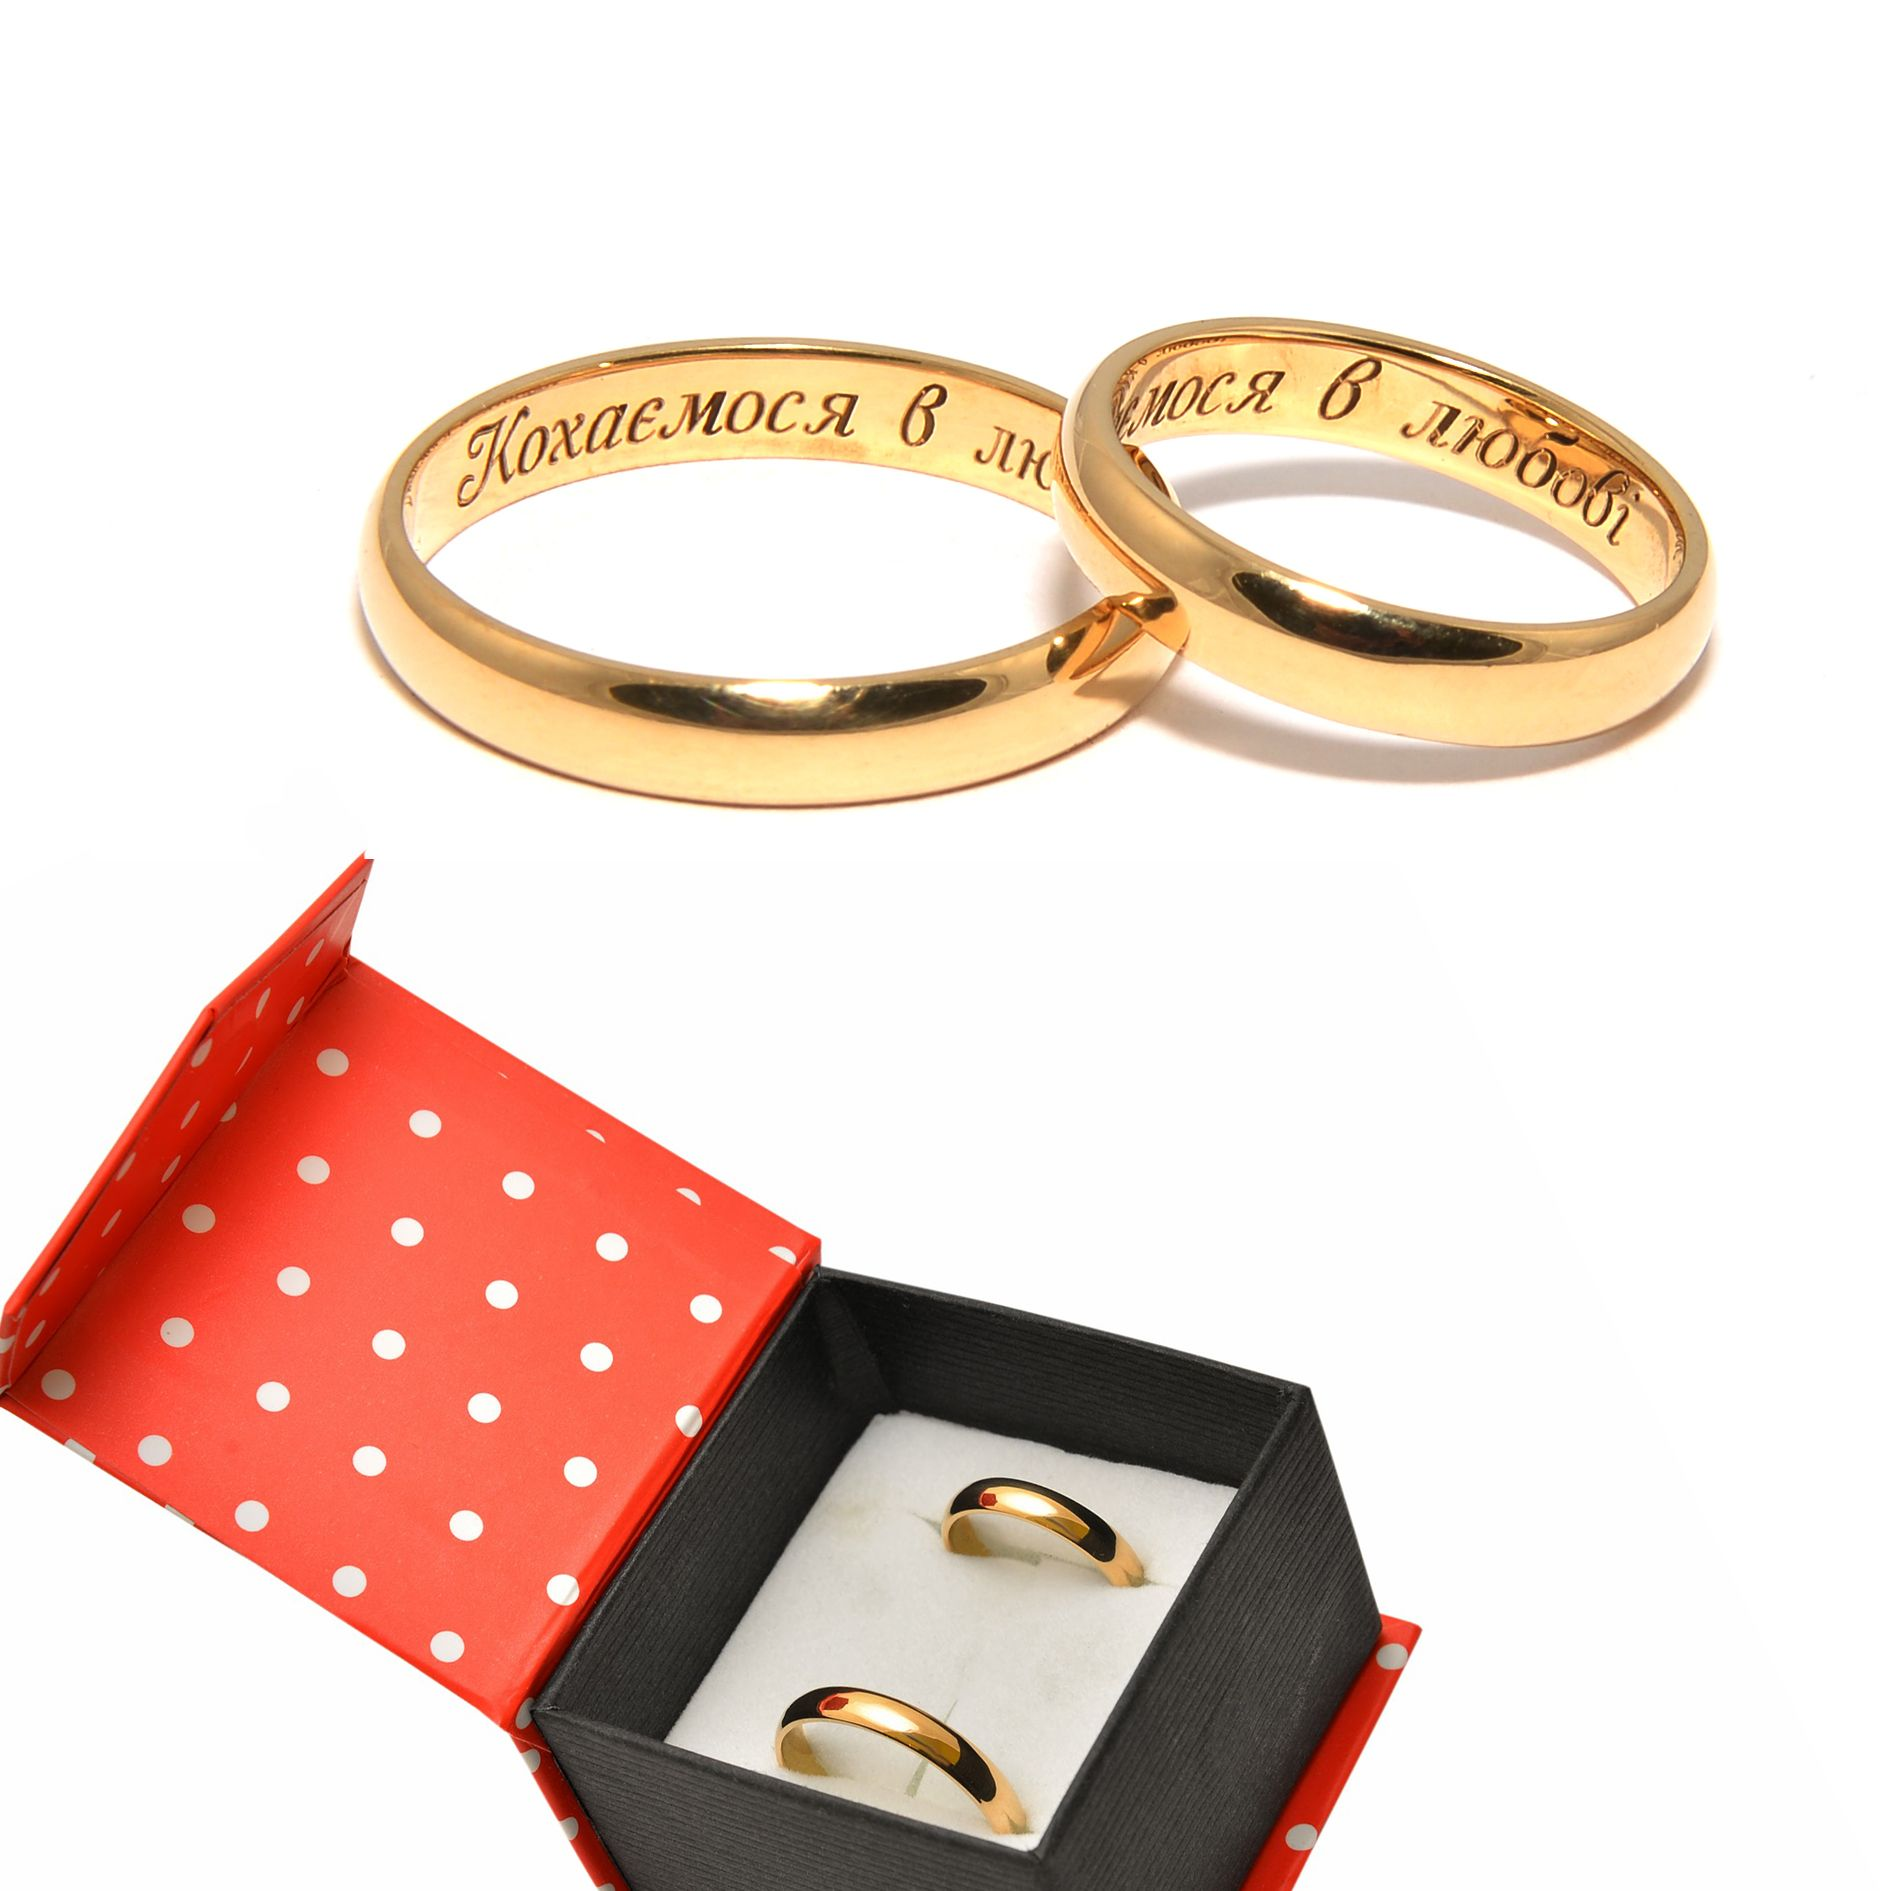 95fa7c258dfa Обручальные кольца классика с гравировкой Золото 585 пробы Ширина – 3,5мм,  вес женского